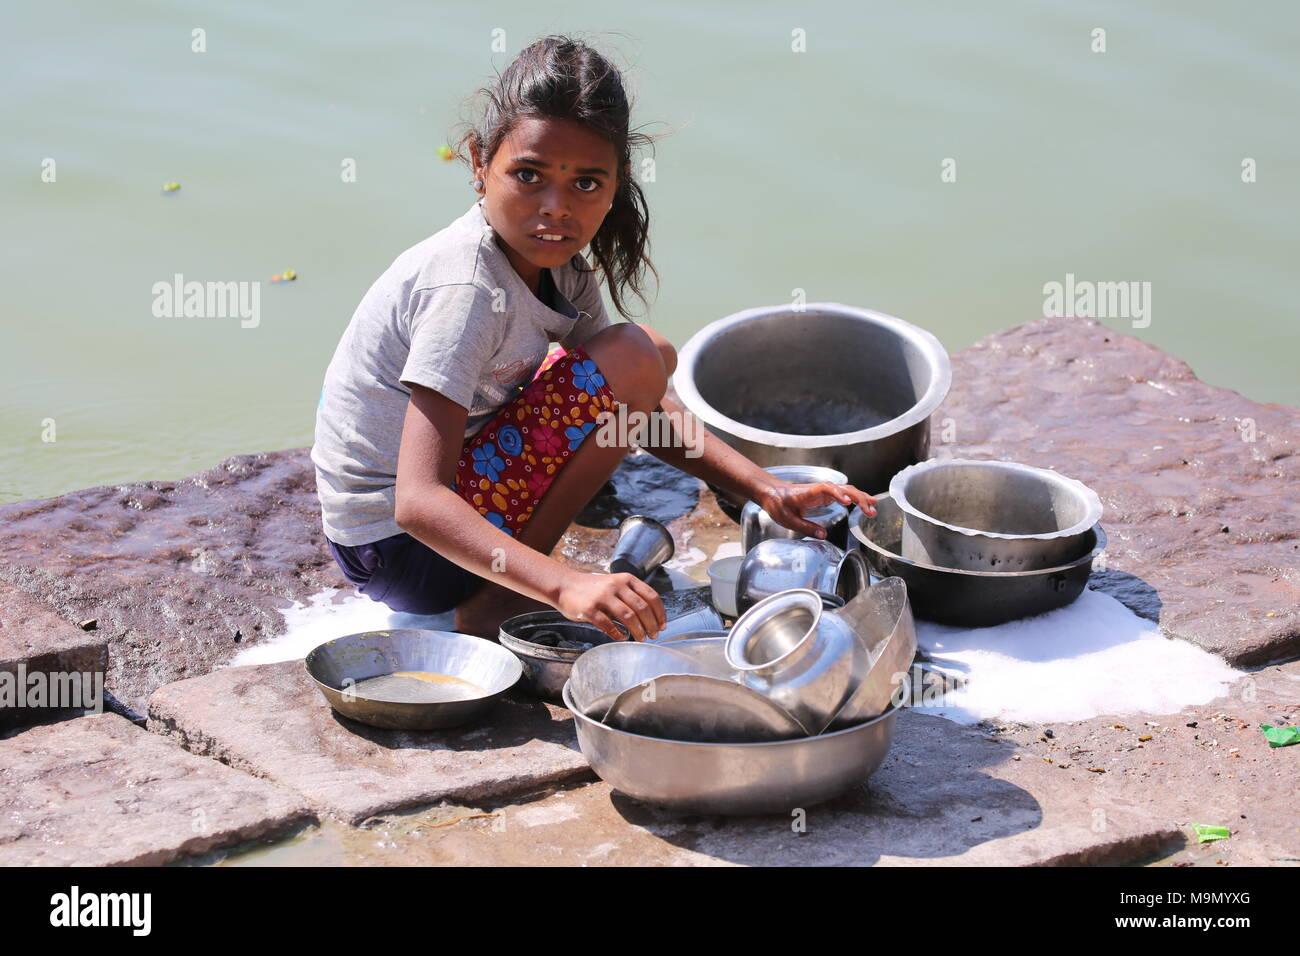 Indisches Mädchen Geschirr am Fluss - indisches Mädchen beim Gechirr Waschen am Fluss Stockbild